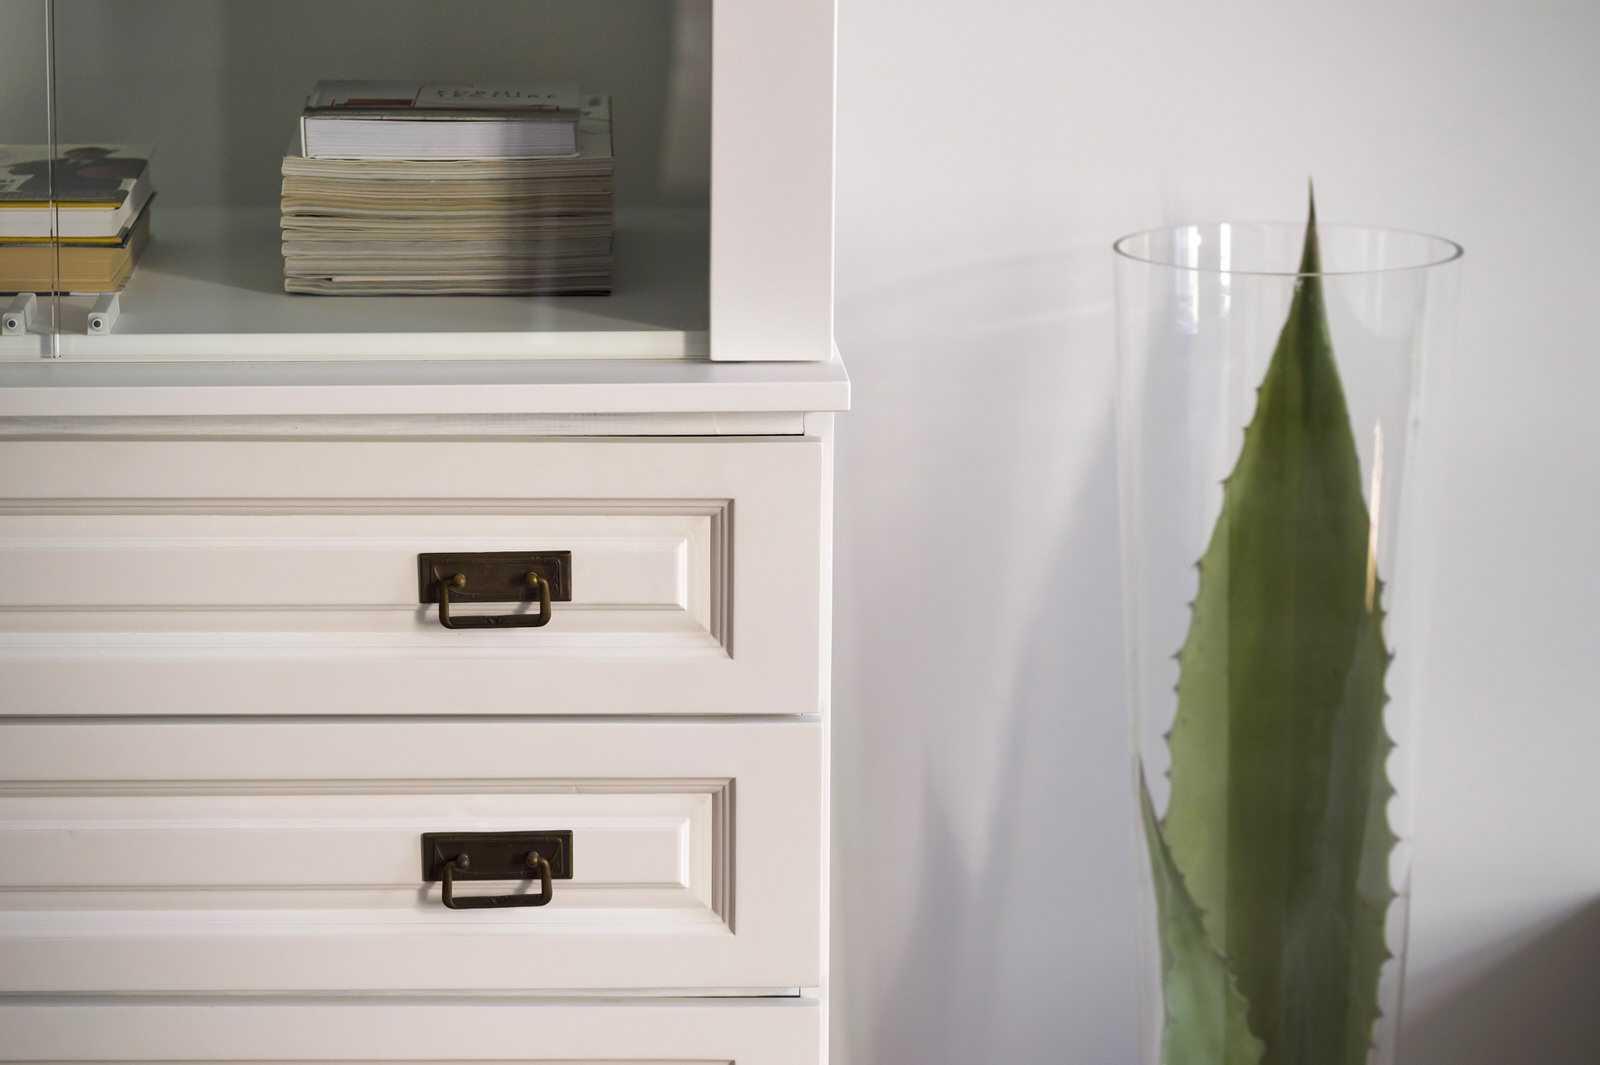 Antique wardrobe brings eye-catching detail to Ljubljana rental apartment